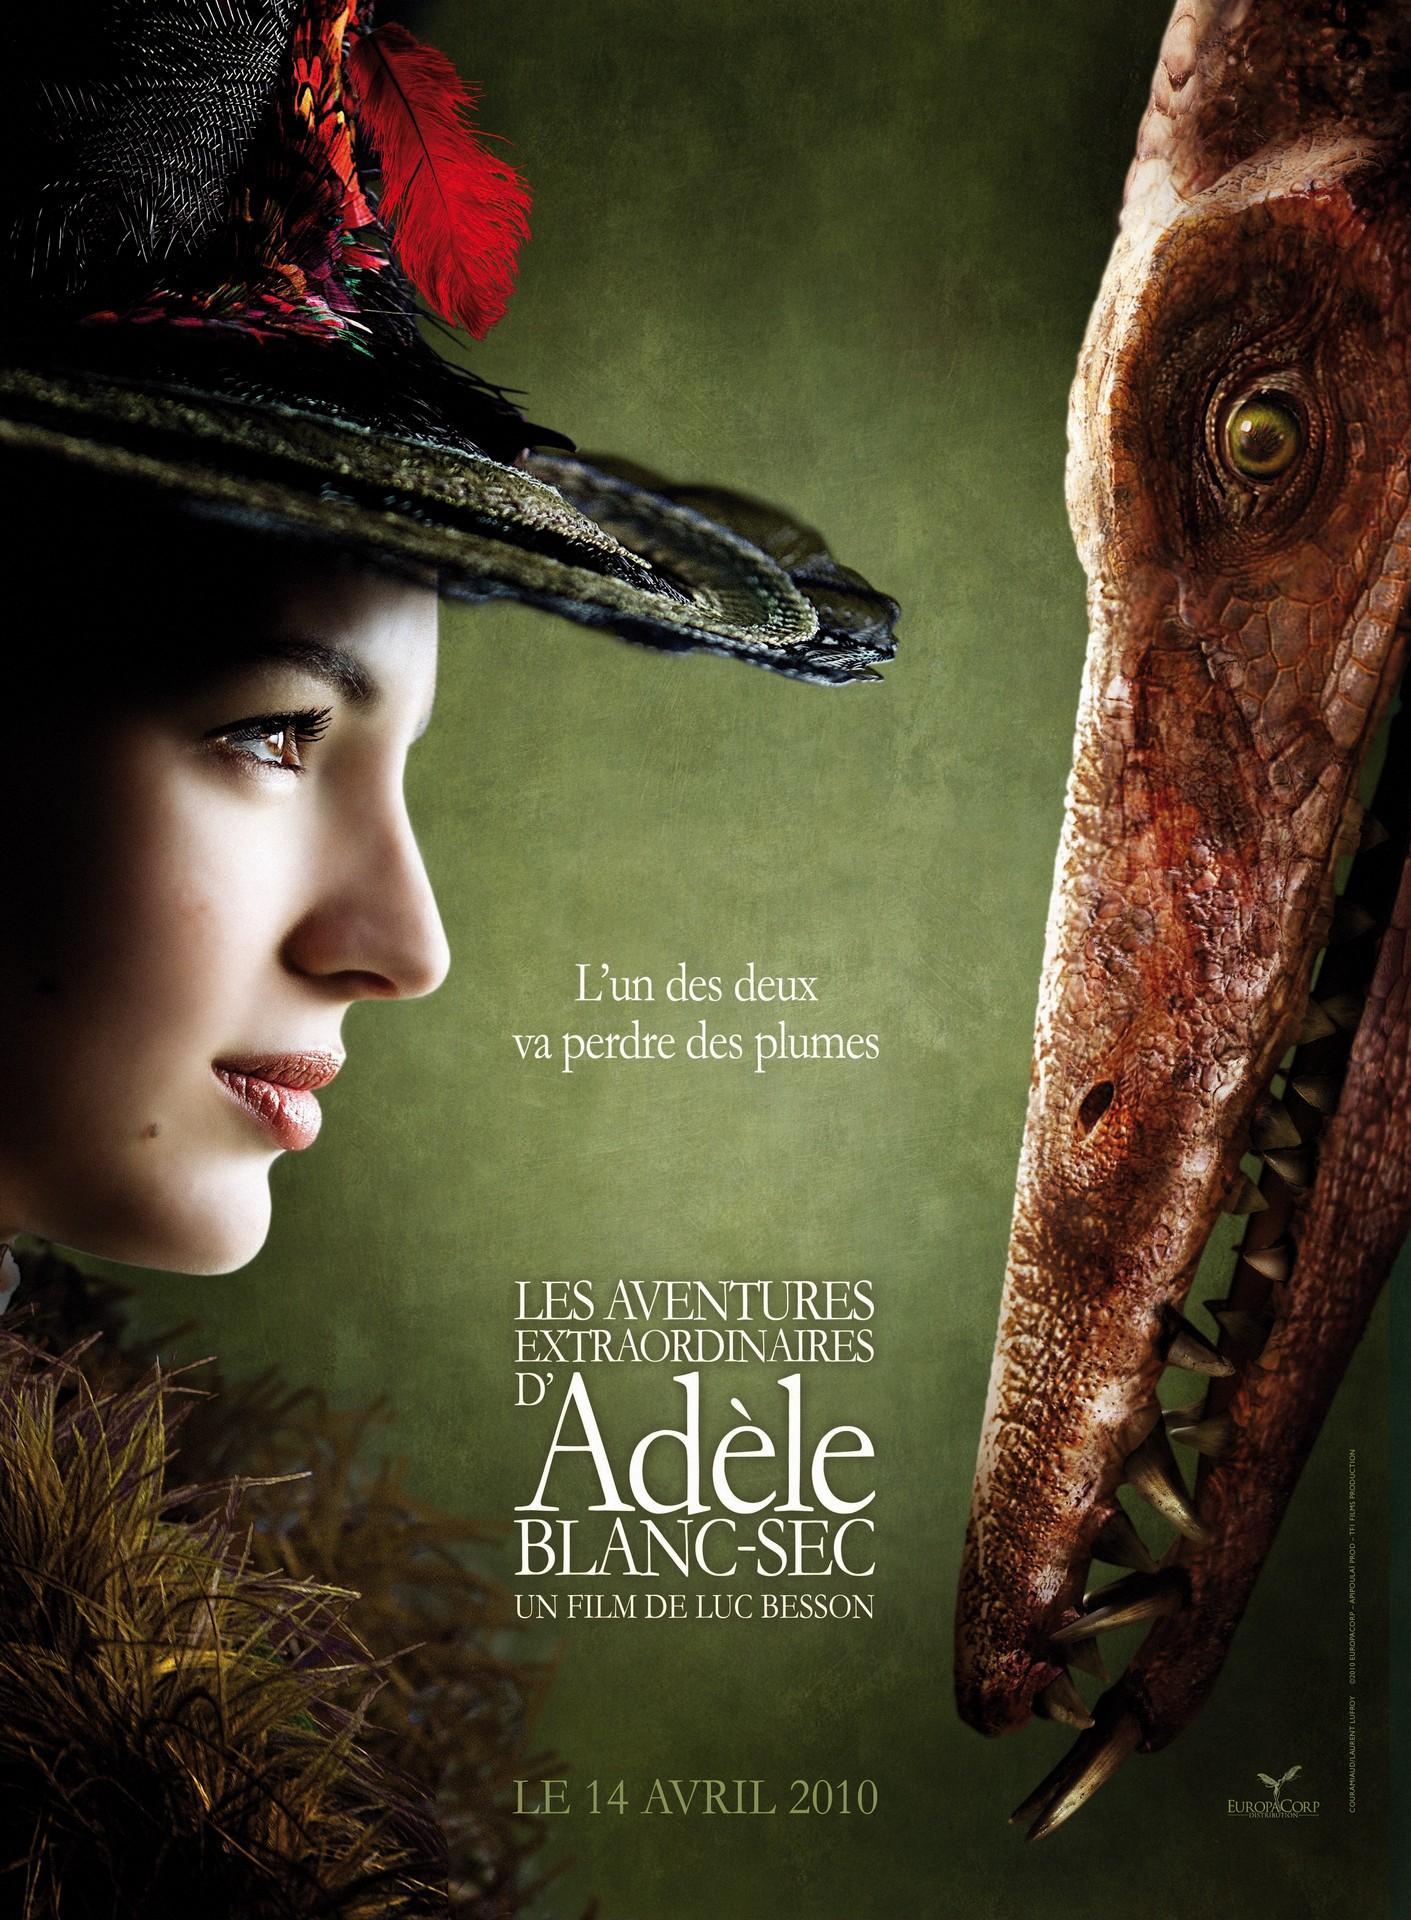 Необычайные приключения Адель DVDRip / 2010.